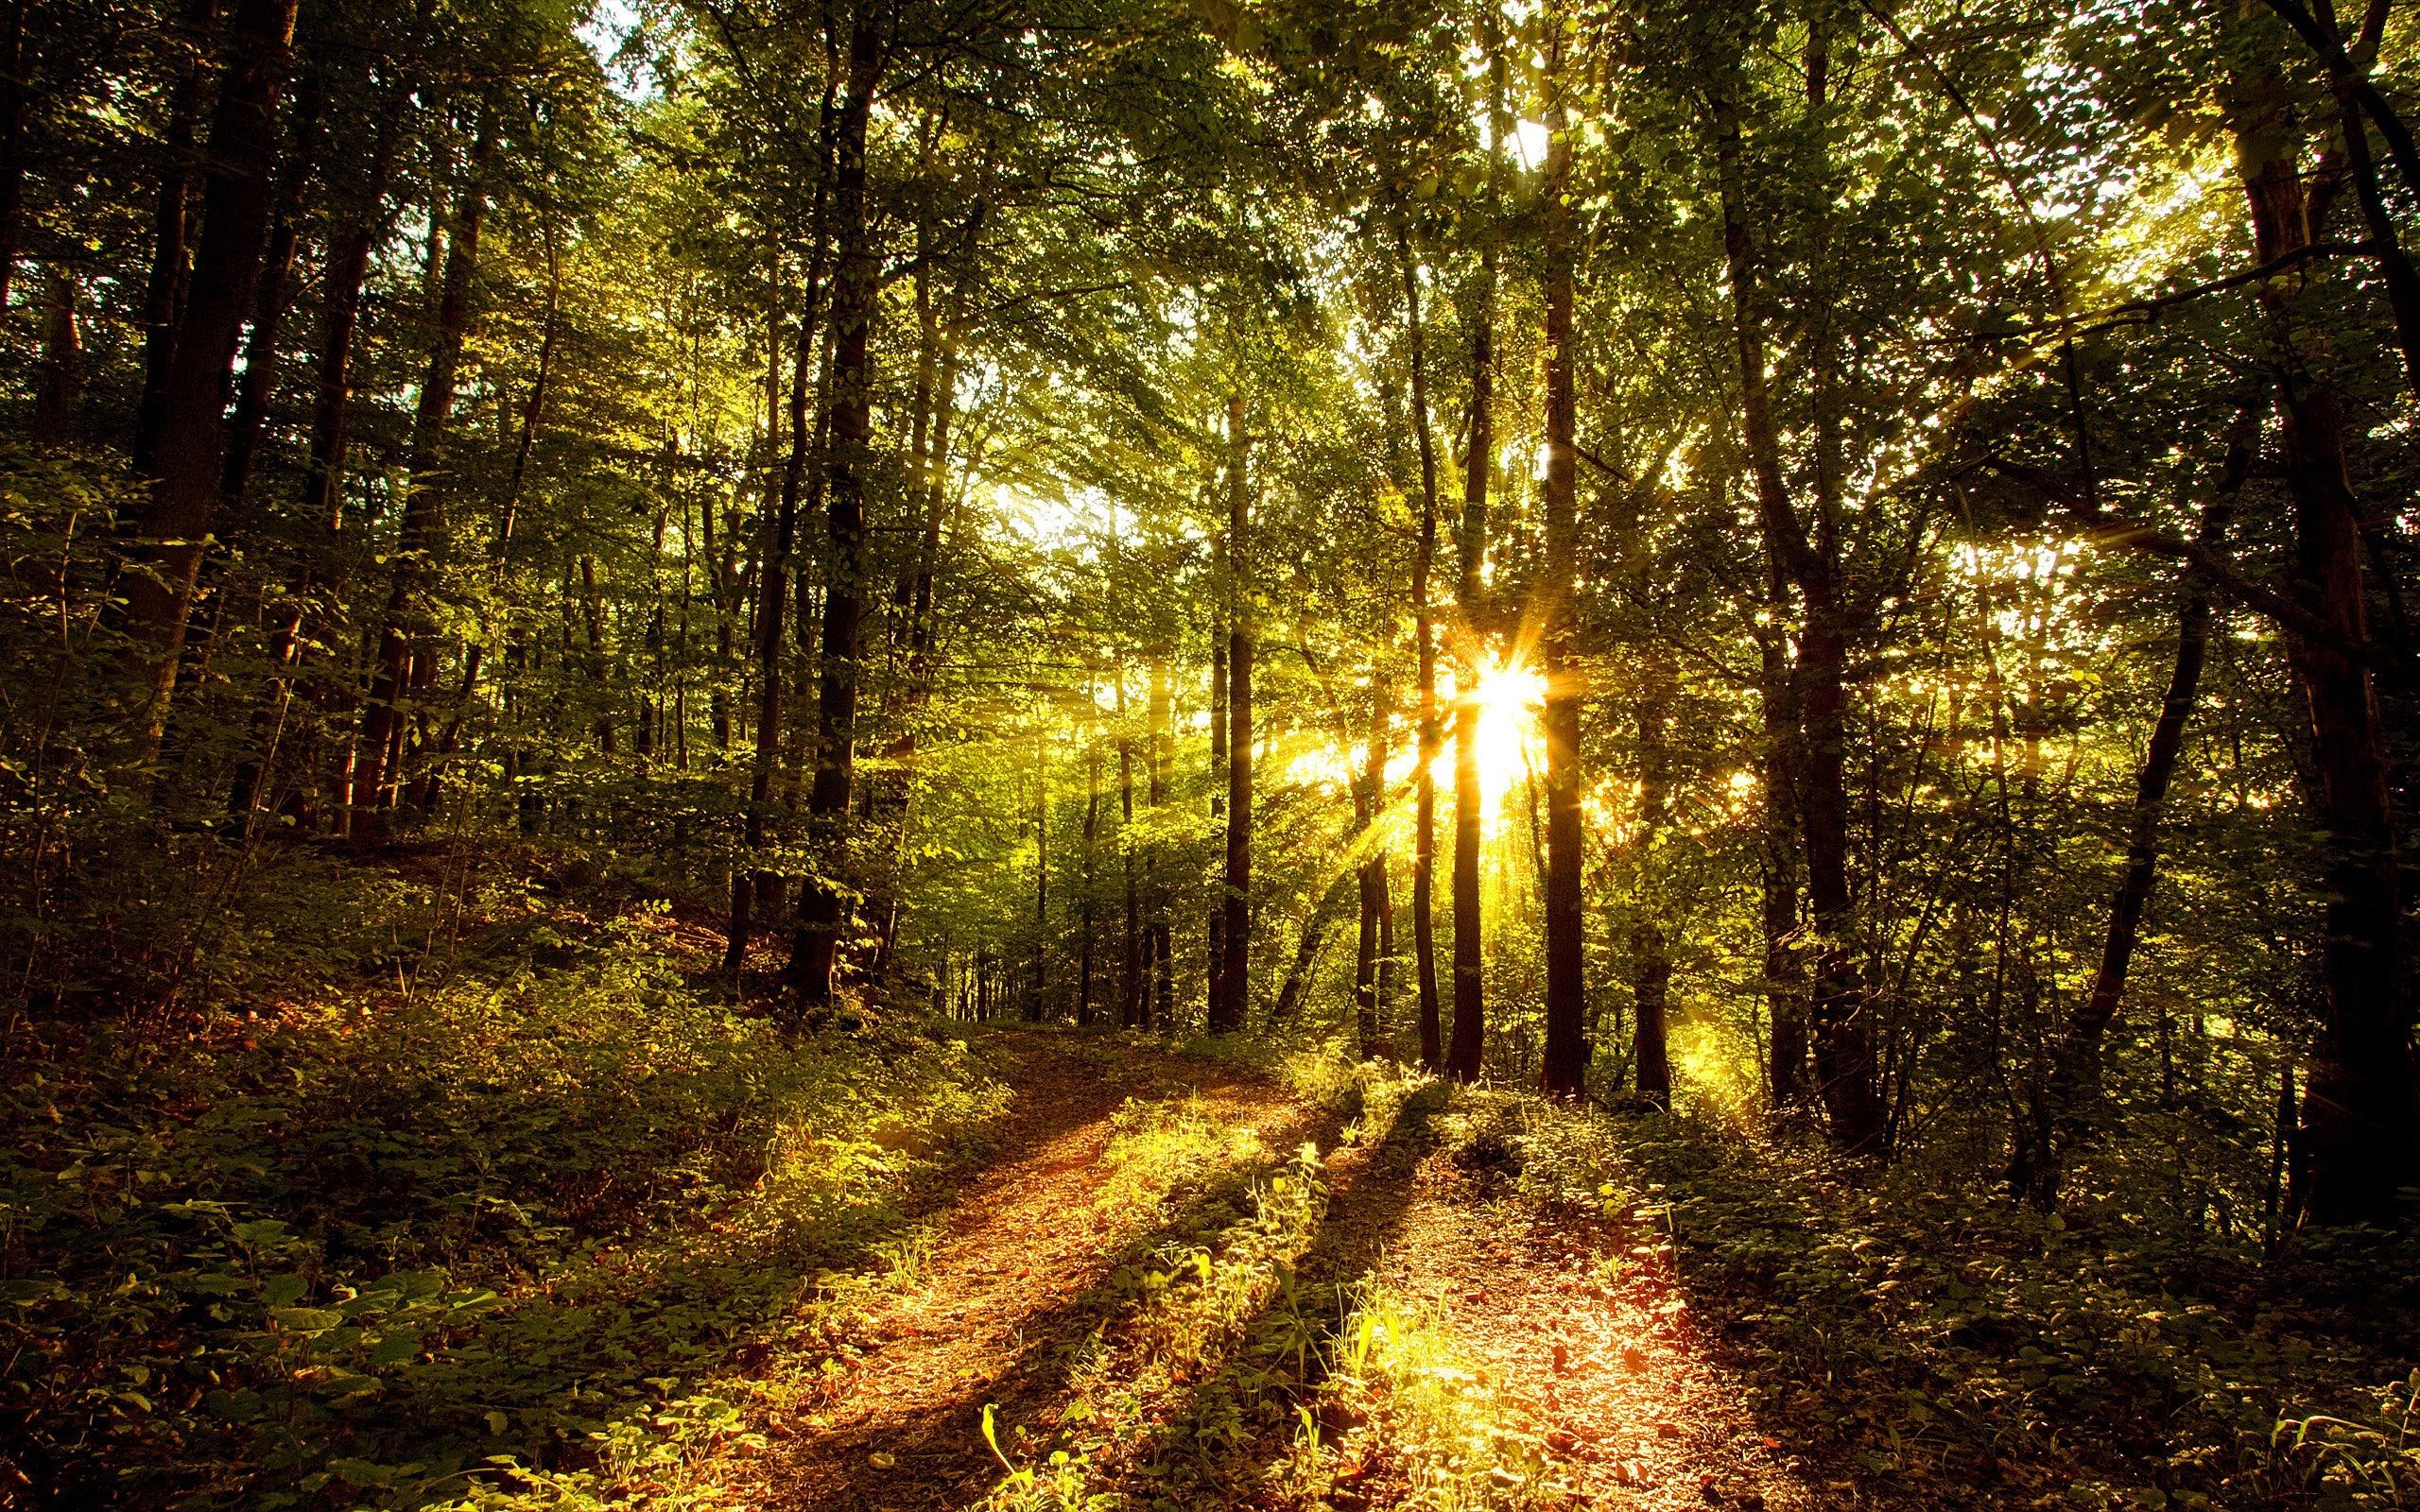 лес лучи солнце дорога скачать